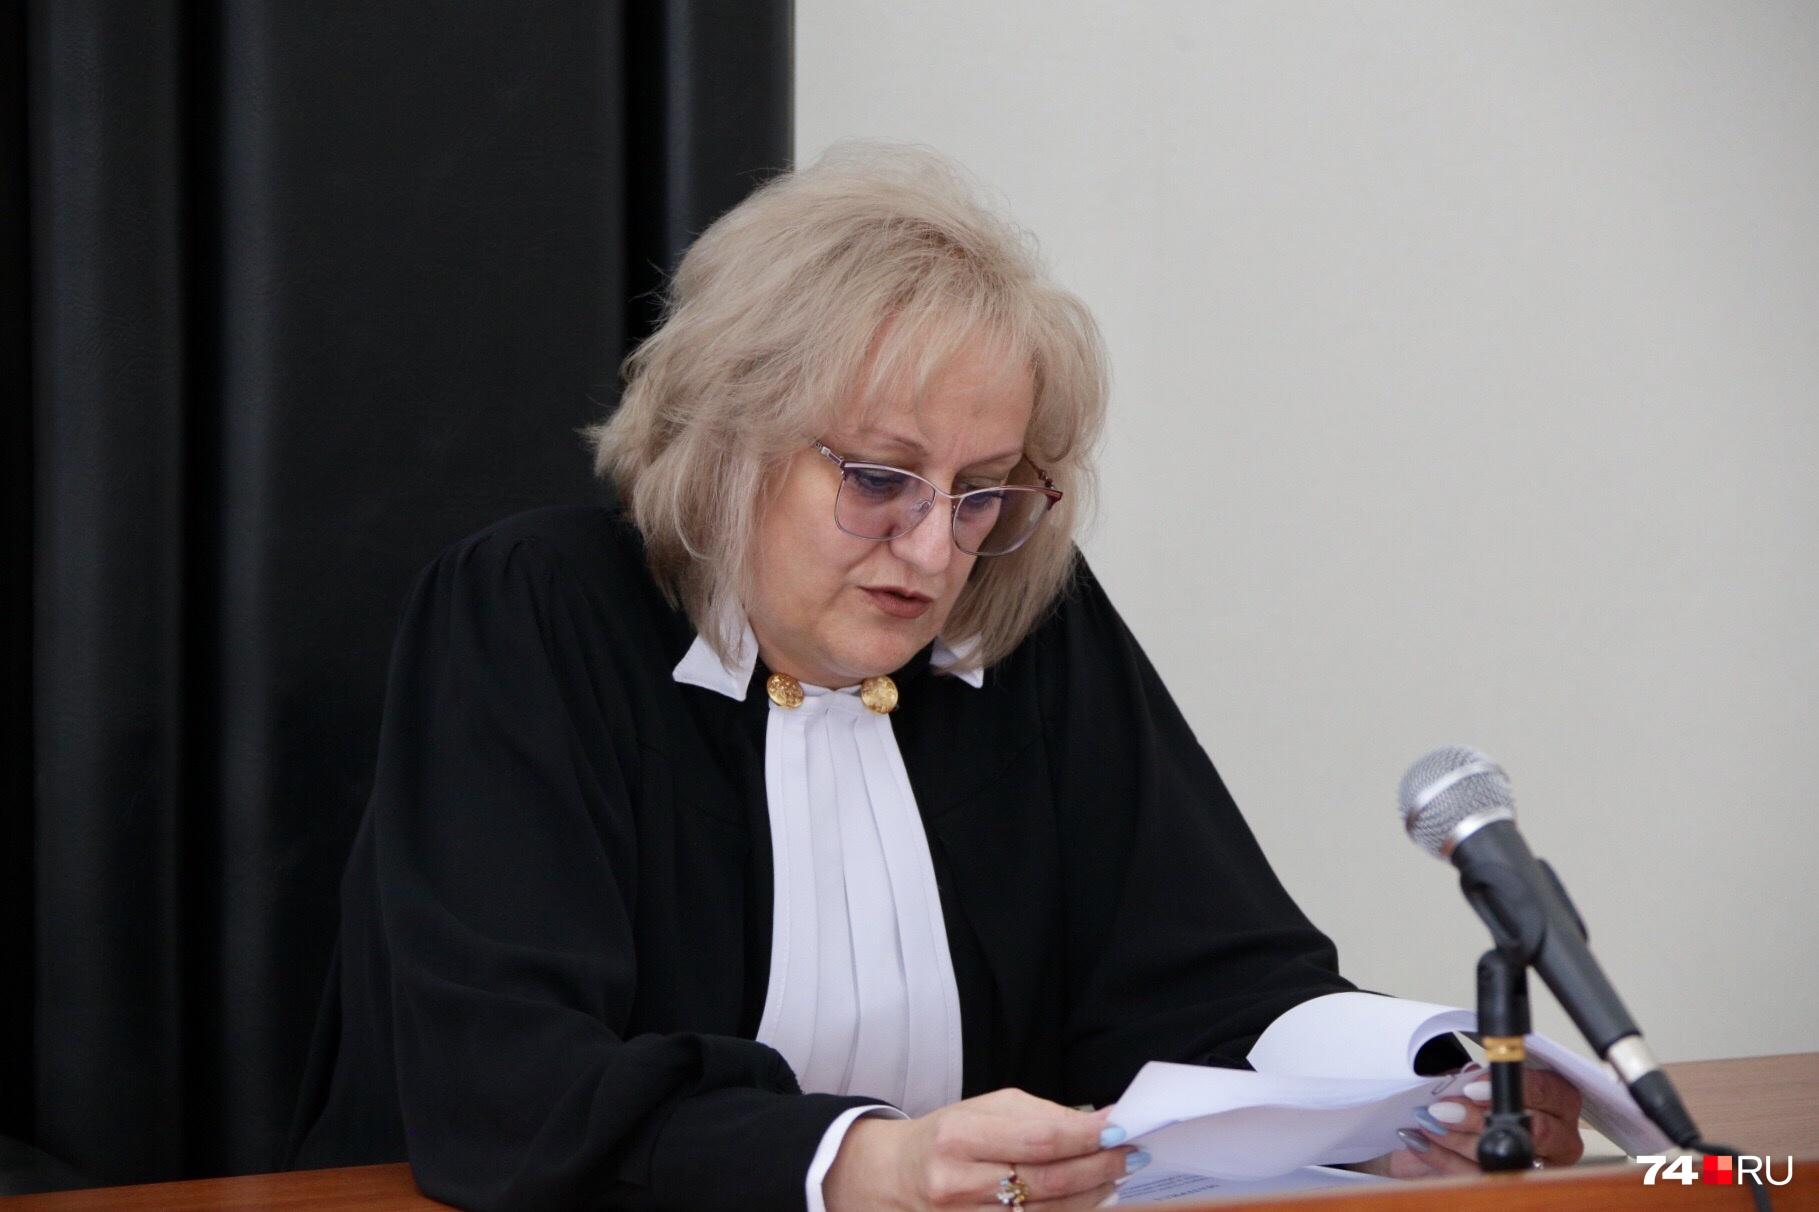 Судье предоставили справку о заболеваниях Зарипова, подписанную, по сути, его подчинённой